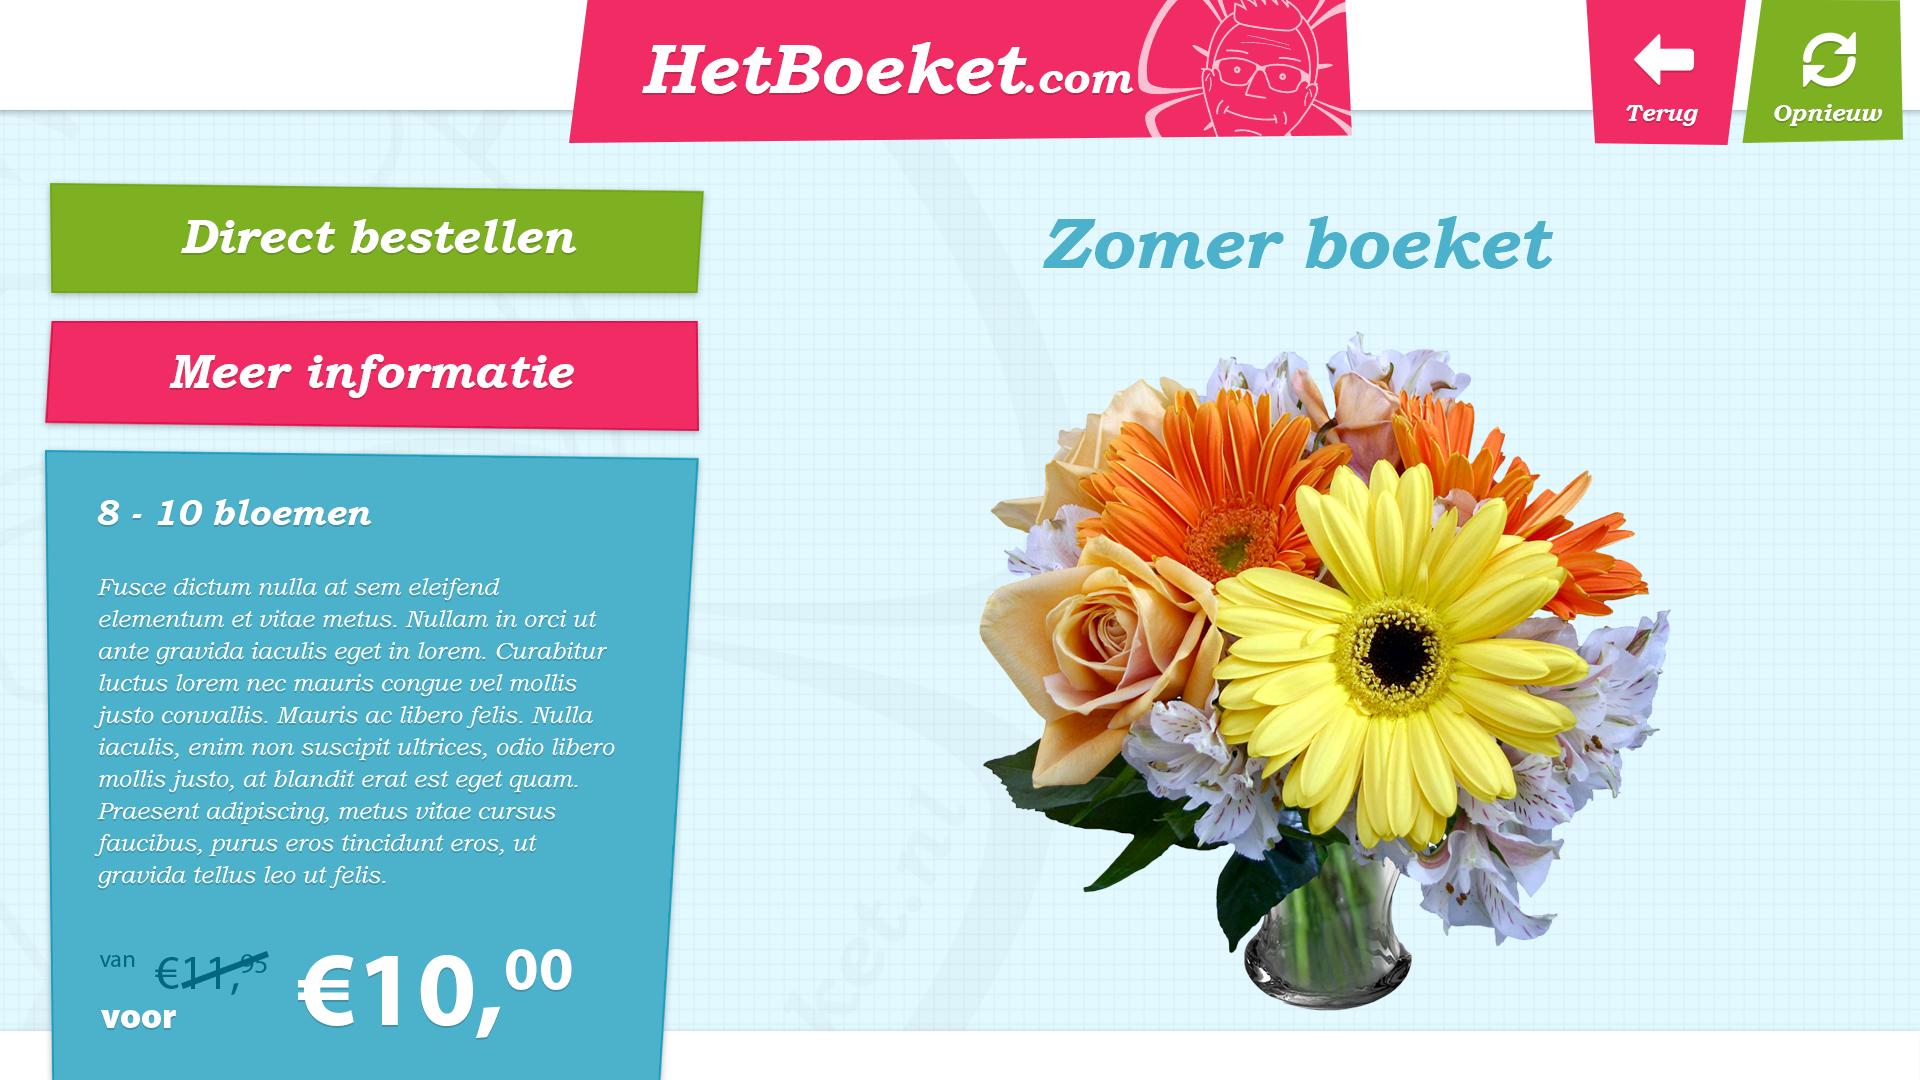 Bloemen bestellen schermafbeelding